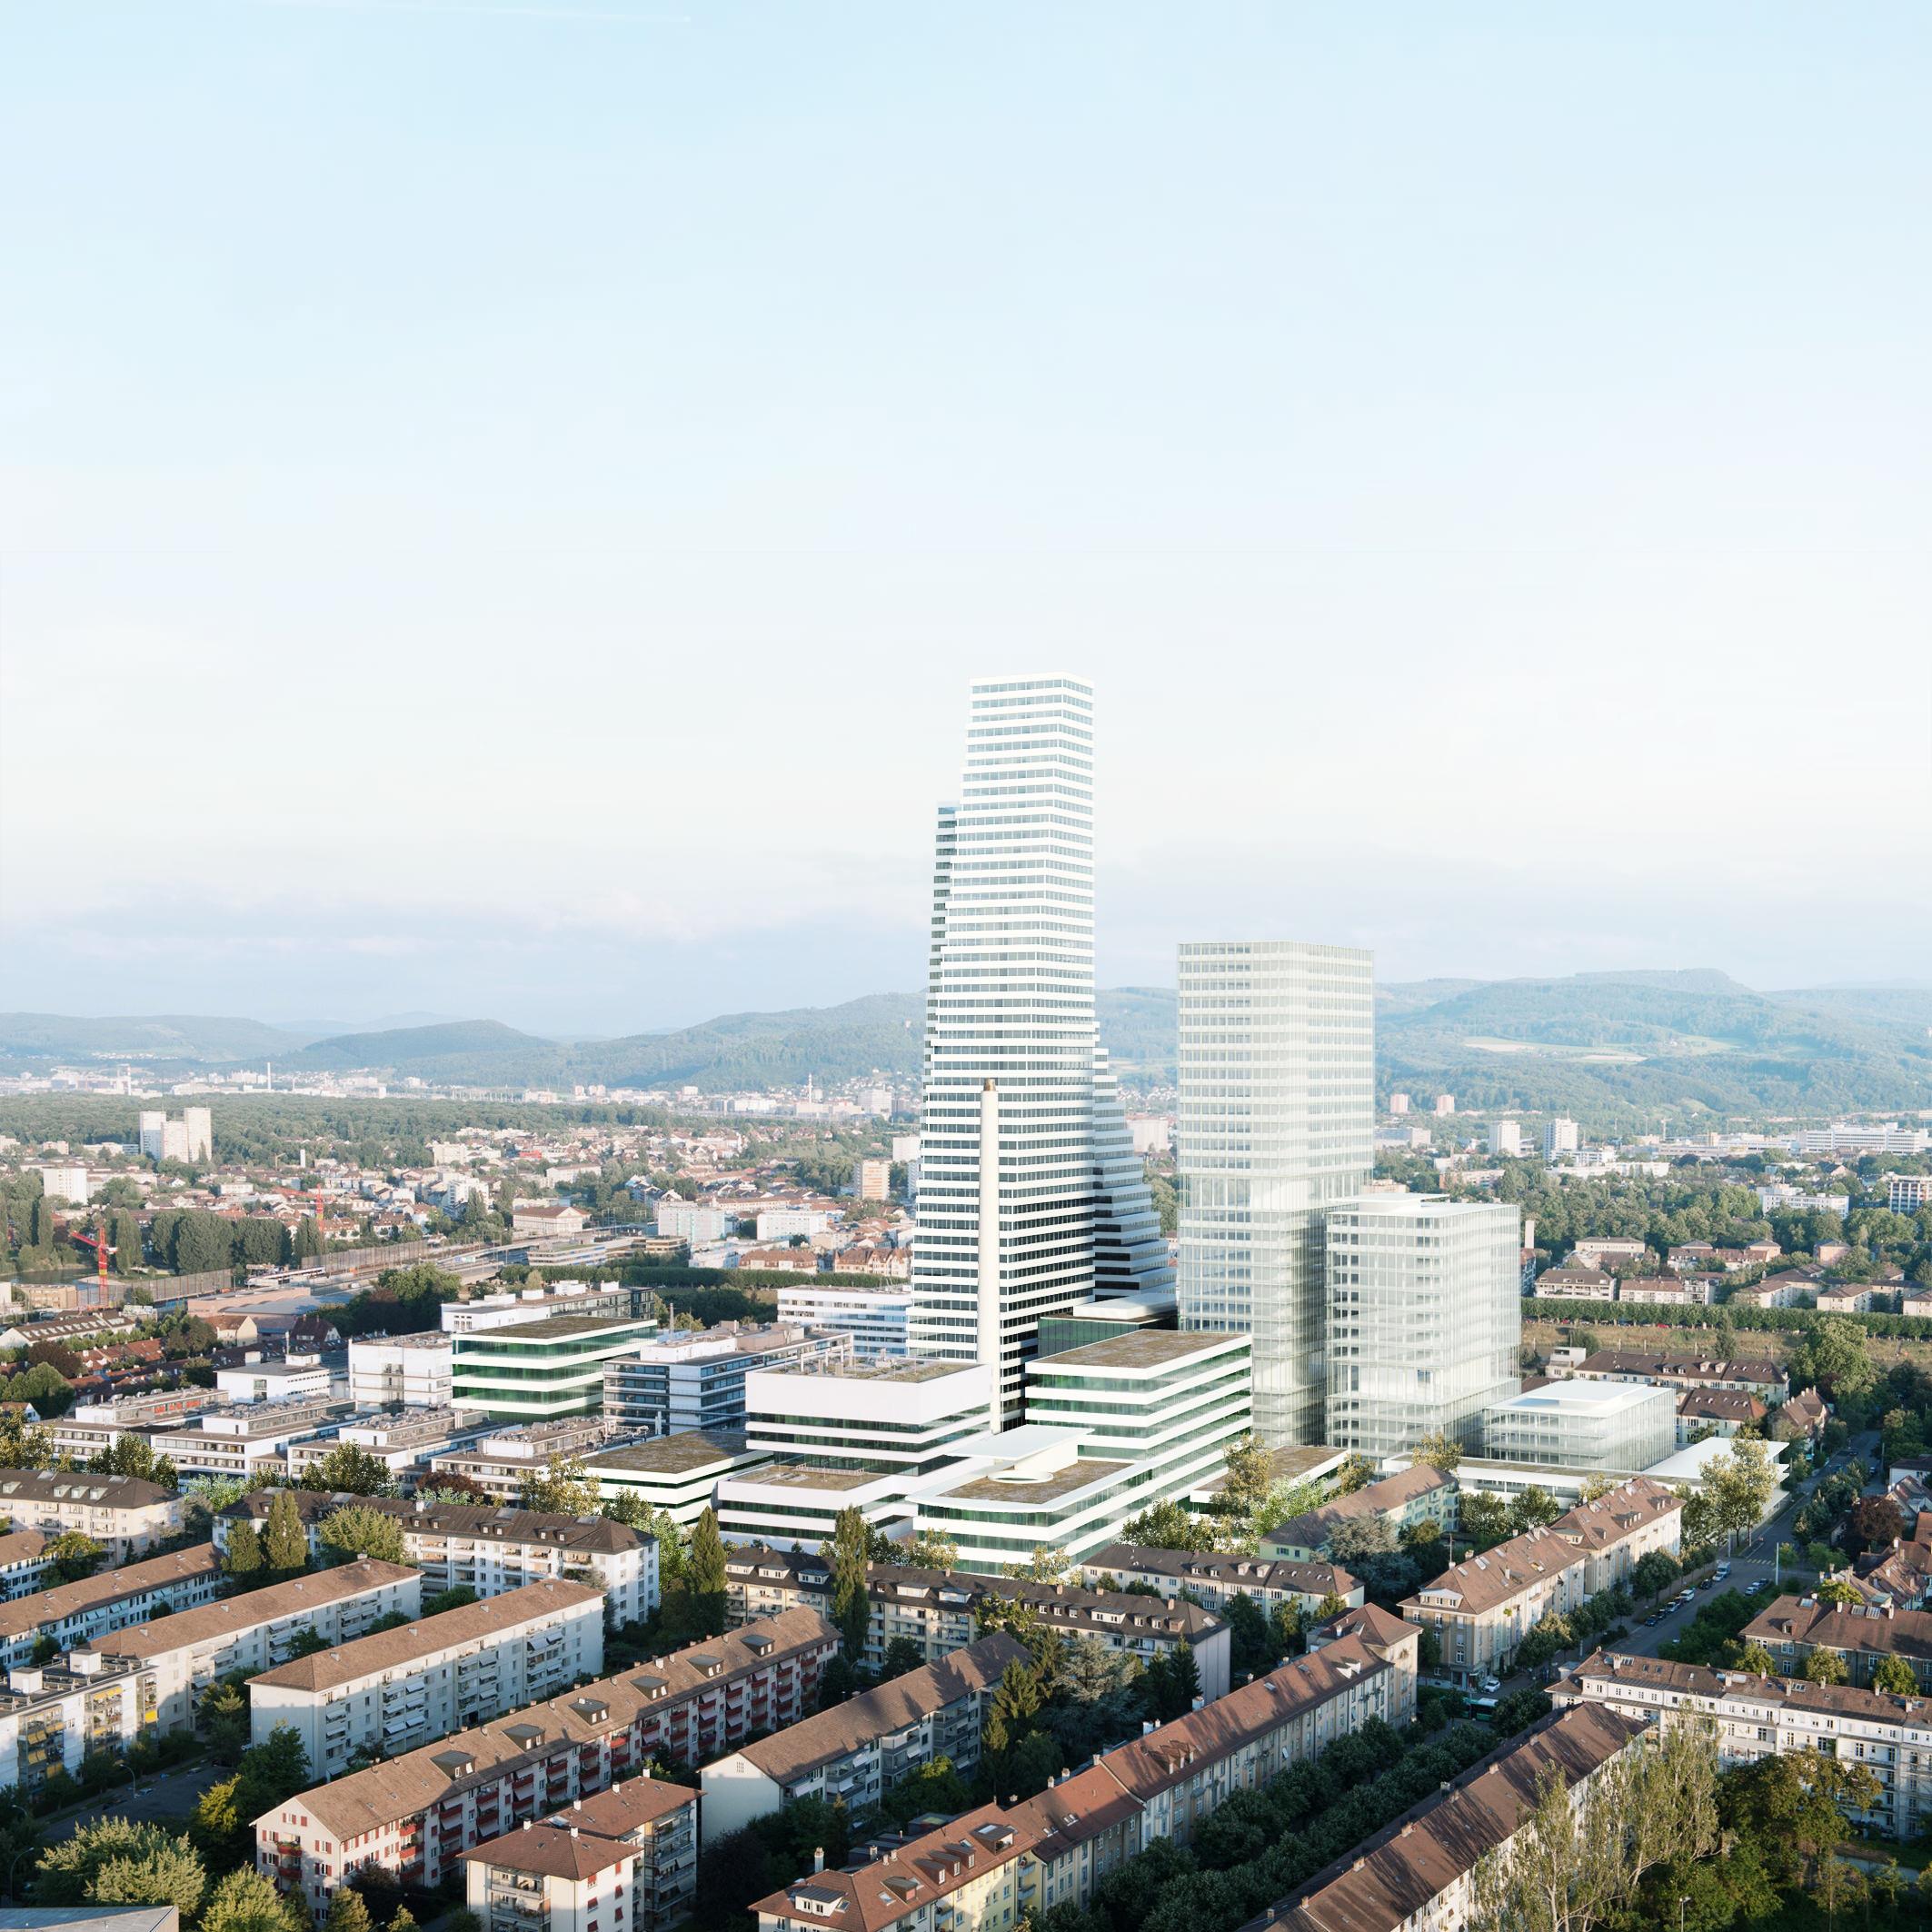 Noch ist der Rocheturm nicht fertiggestellt, schon kündigt das Pharmaunternehmen an, ein noch höheres Gebäude bauen zu wollen.